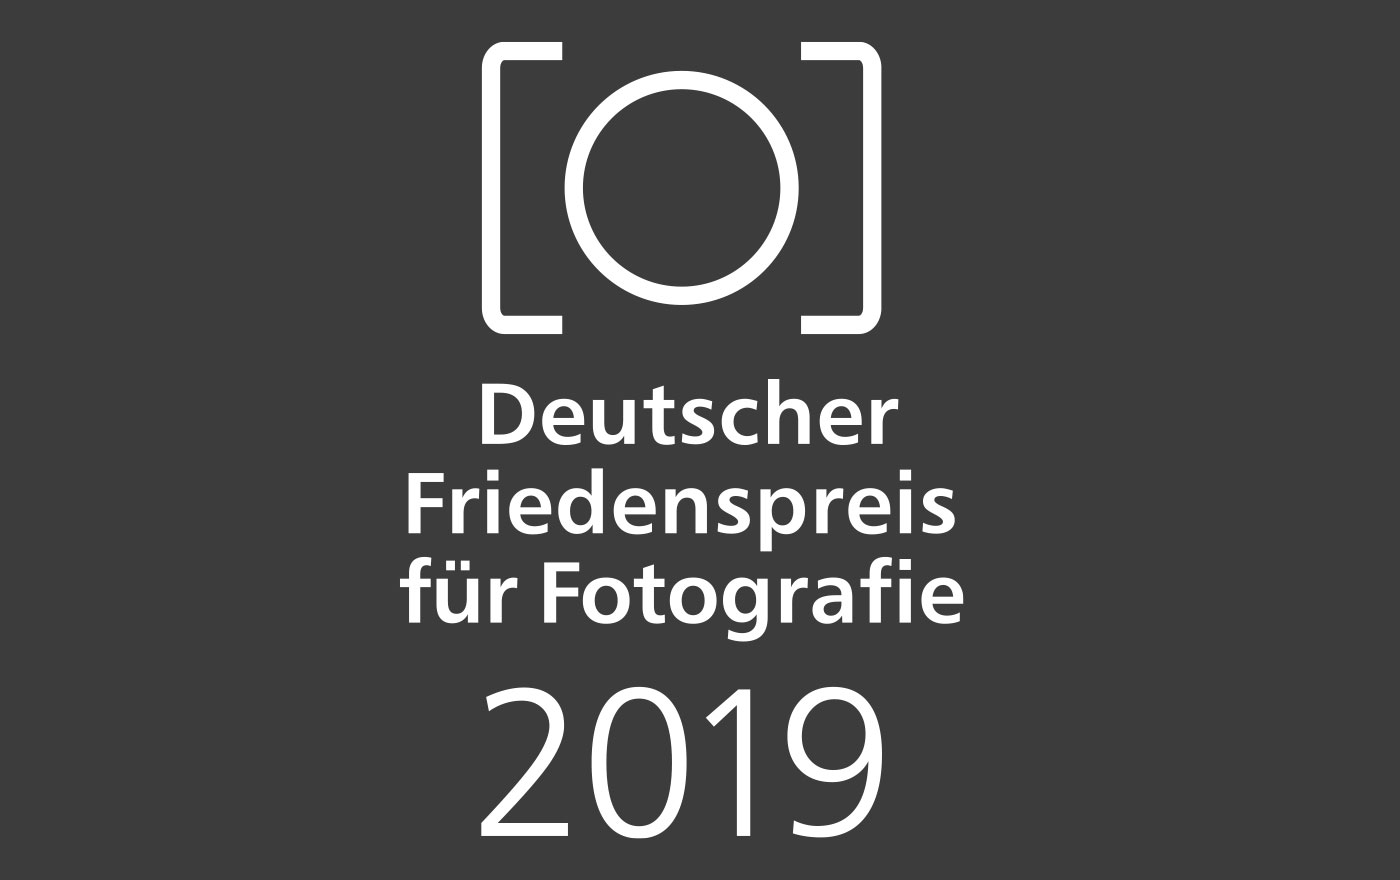 Deutscher Friedenspreis für Fotografie – erstmals ausgerufen!